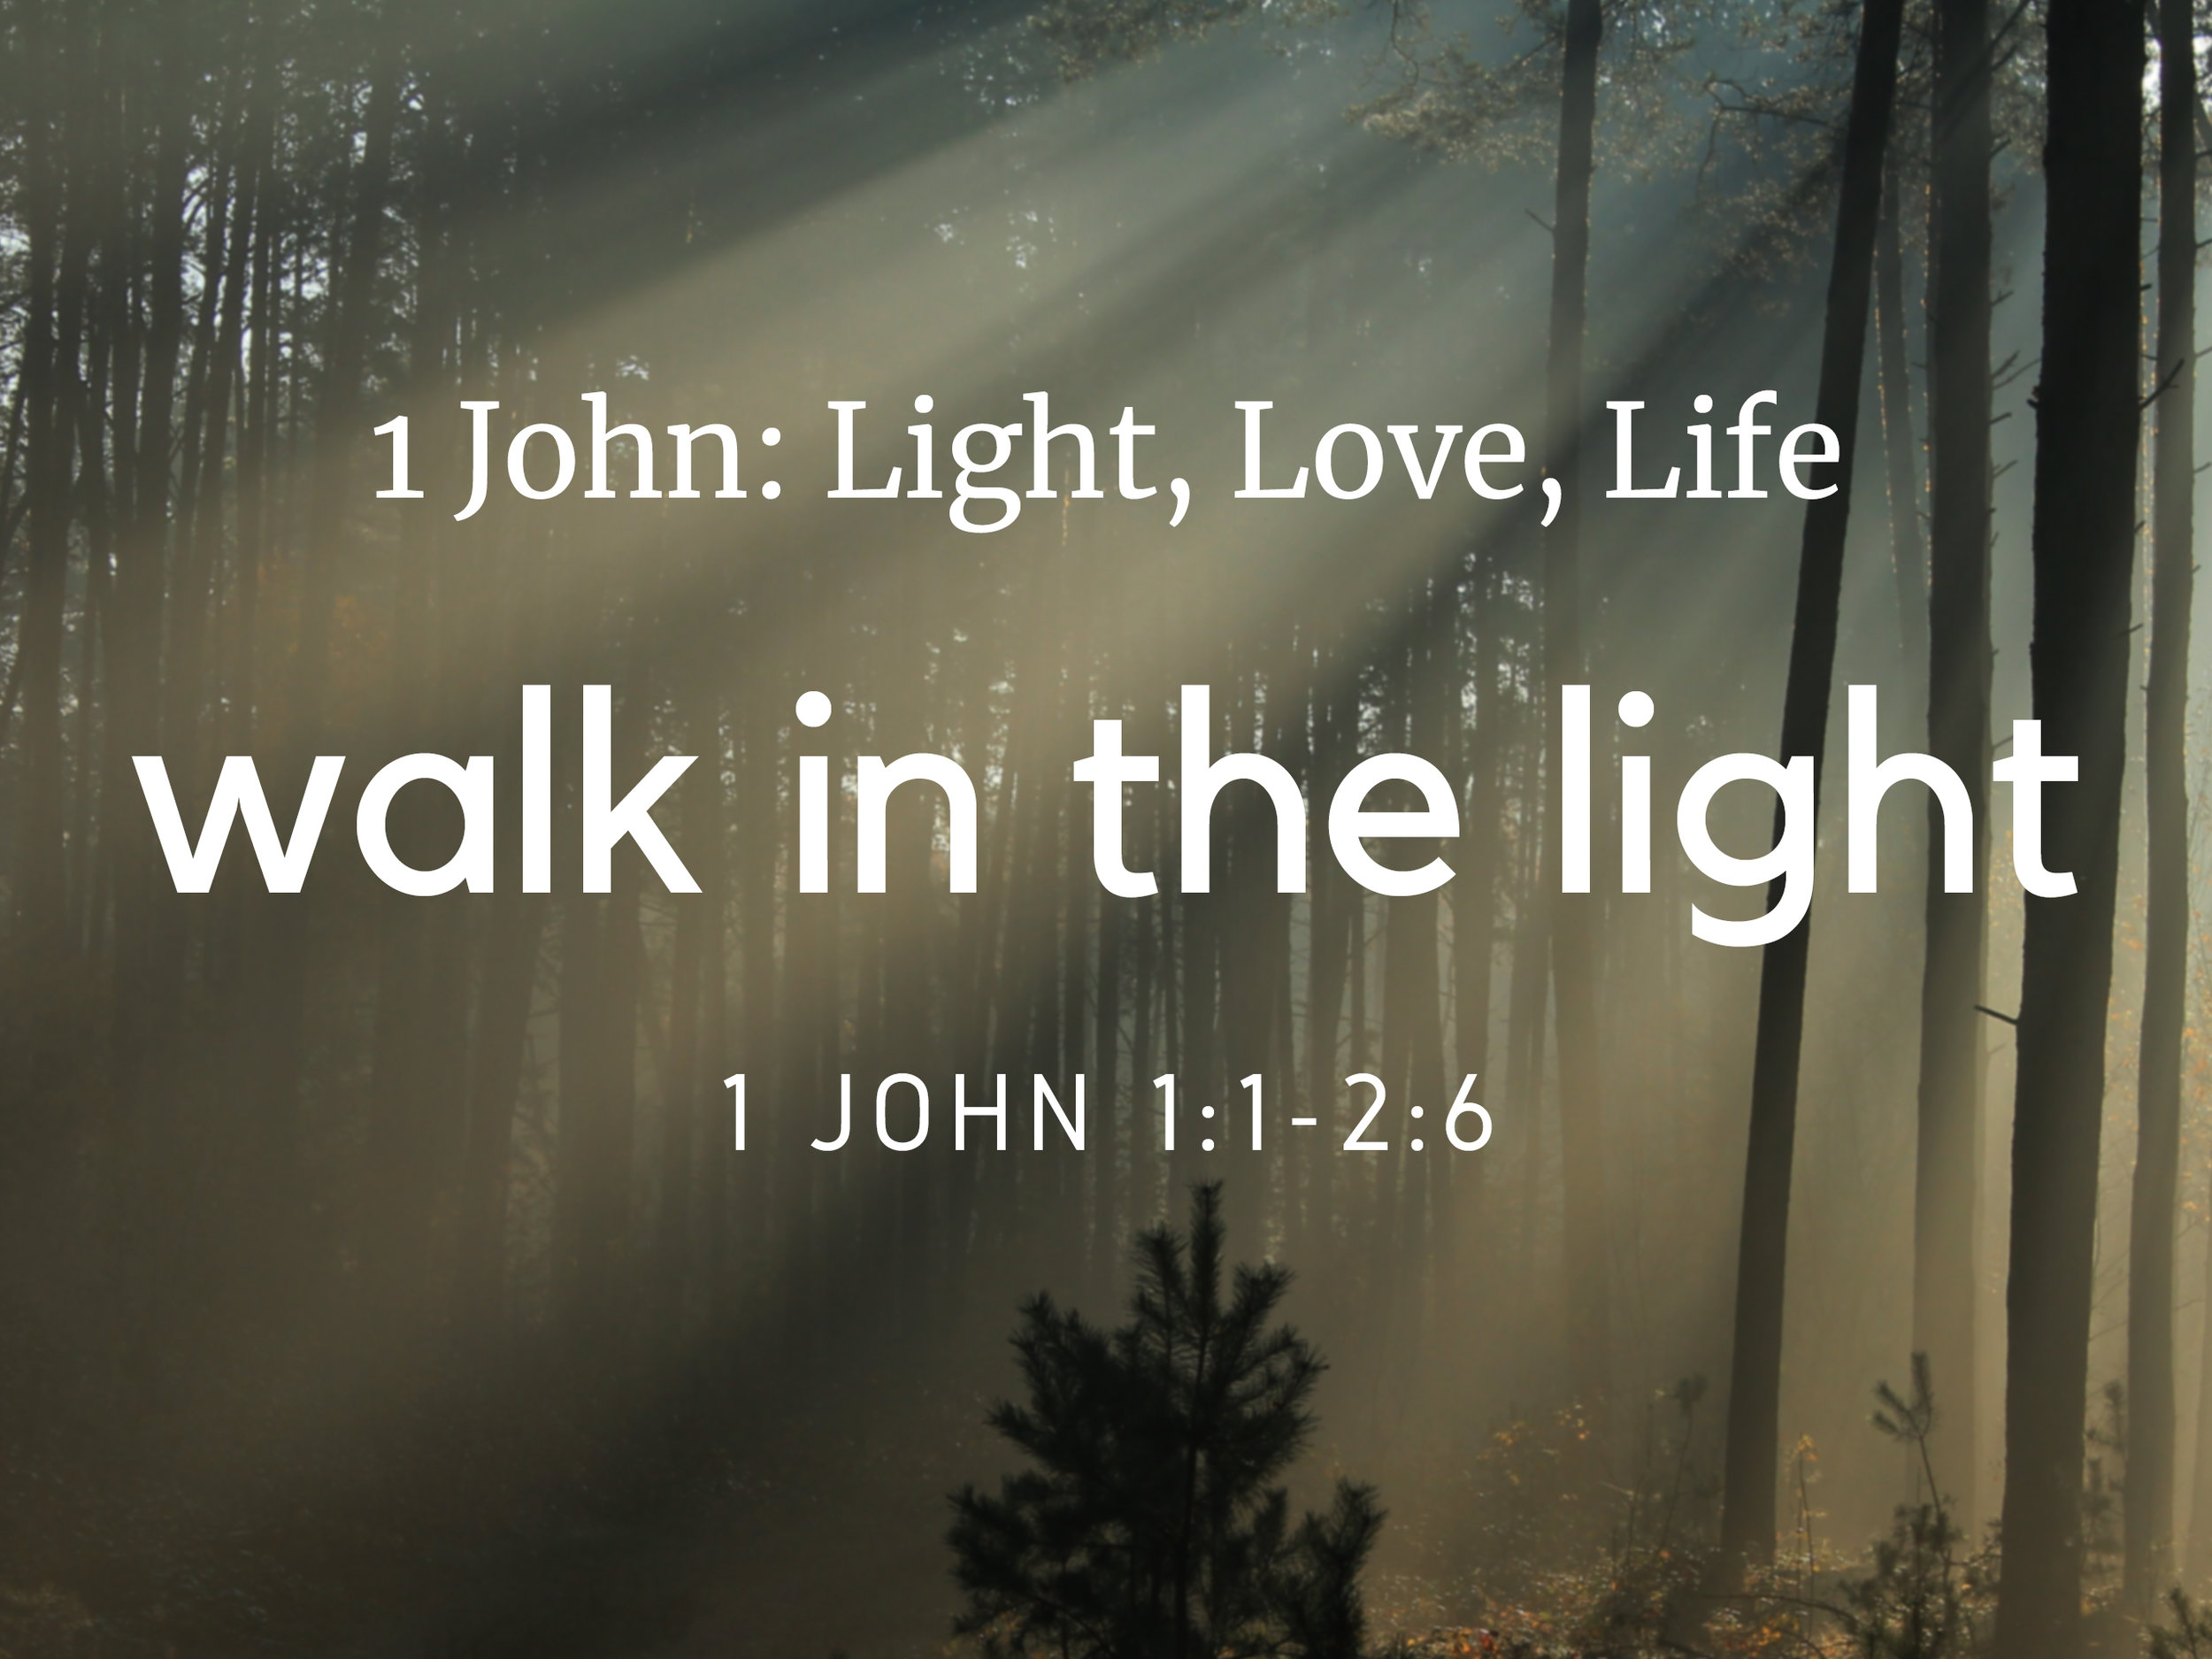 1 John Light Love Life Sermon Slide - Part 1.jpg